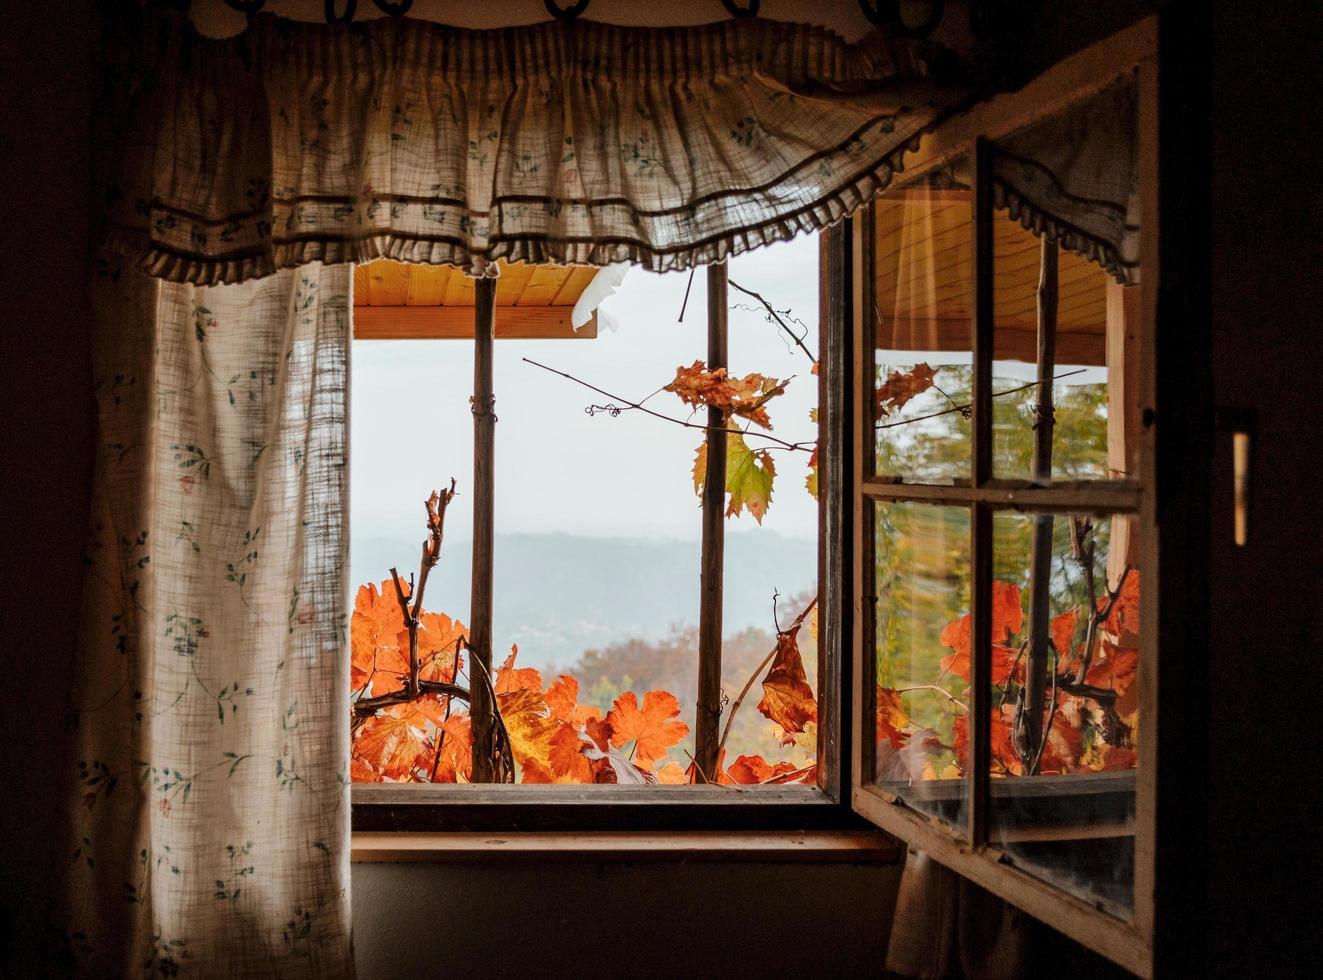 vista idílica pela janela de uma cabana no outono foto